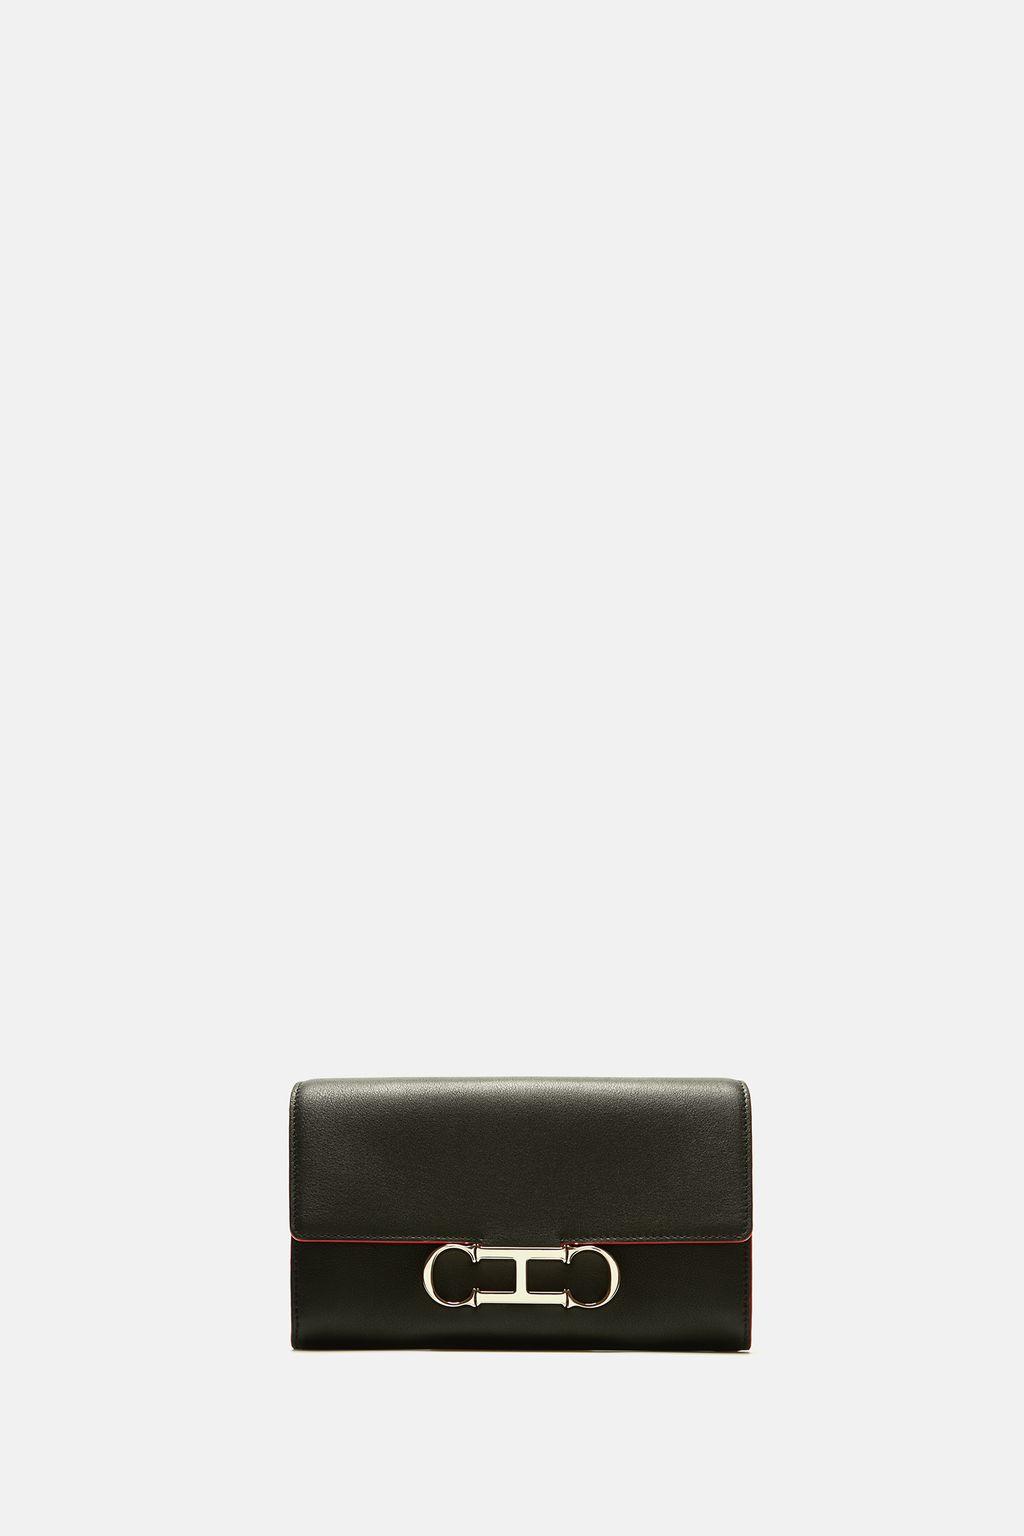 Initials Insignia | Small clutch